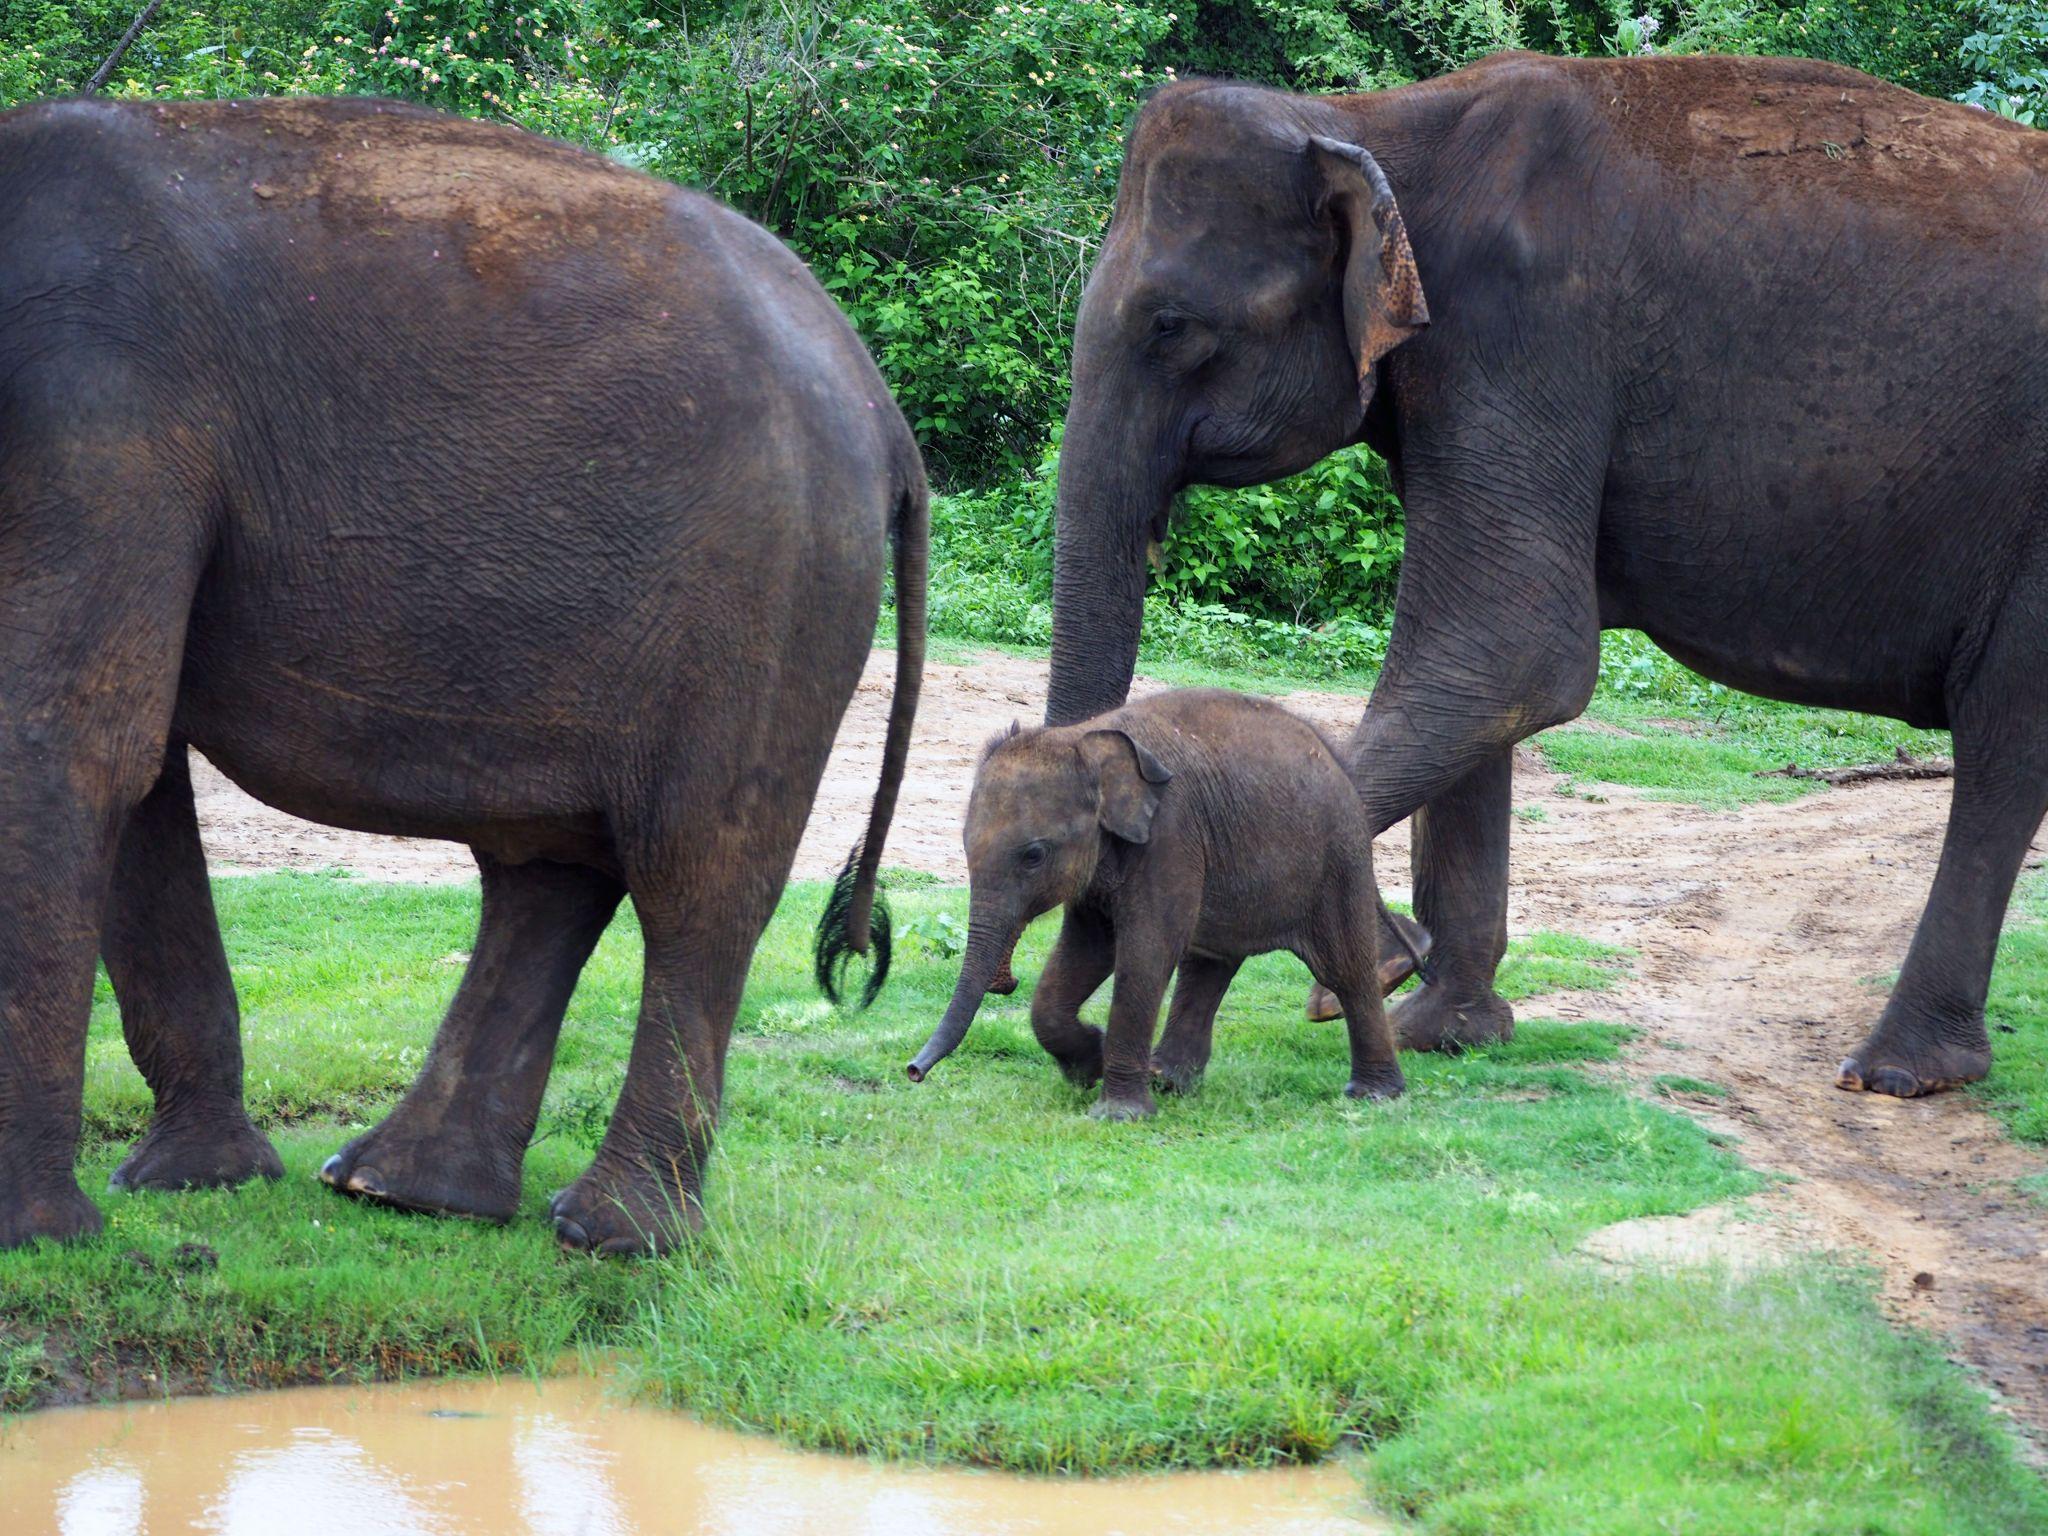 Baby elephant with family Udawalwe National Park